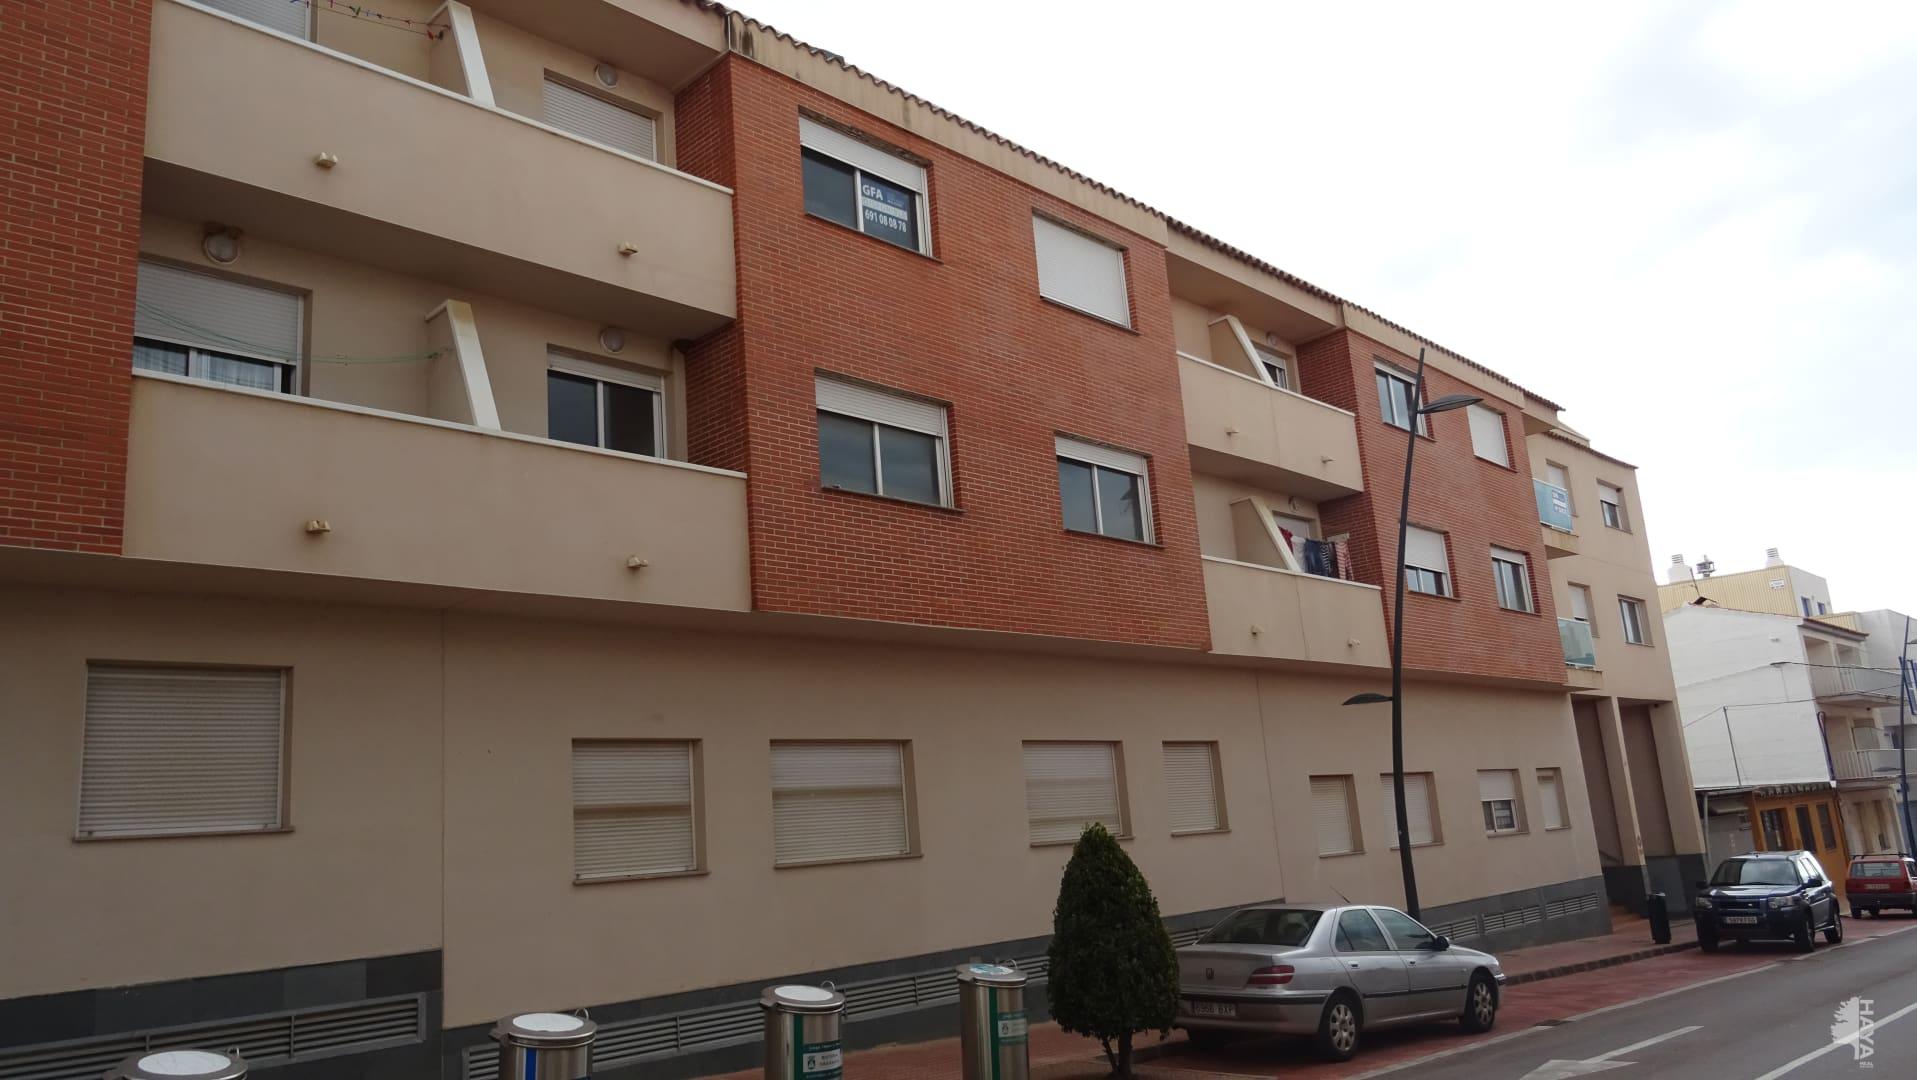 Piso en venta en Torreblanca, Castellón, Calle Colon, 55.000 €, 2 habitaciones, 1 baño, 82 m2